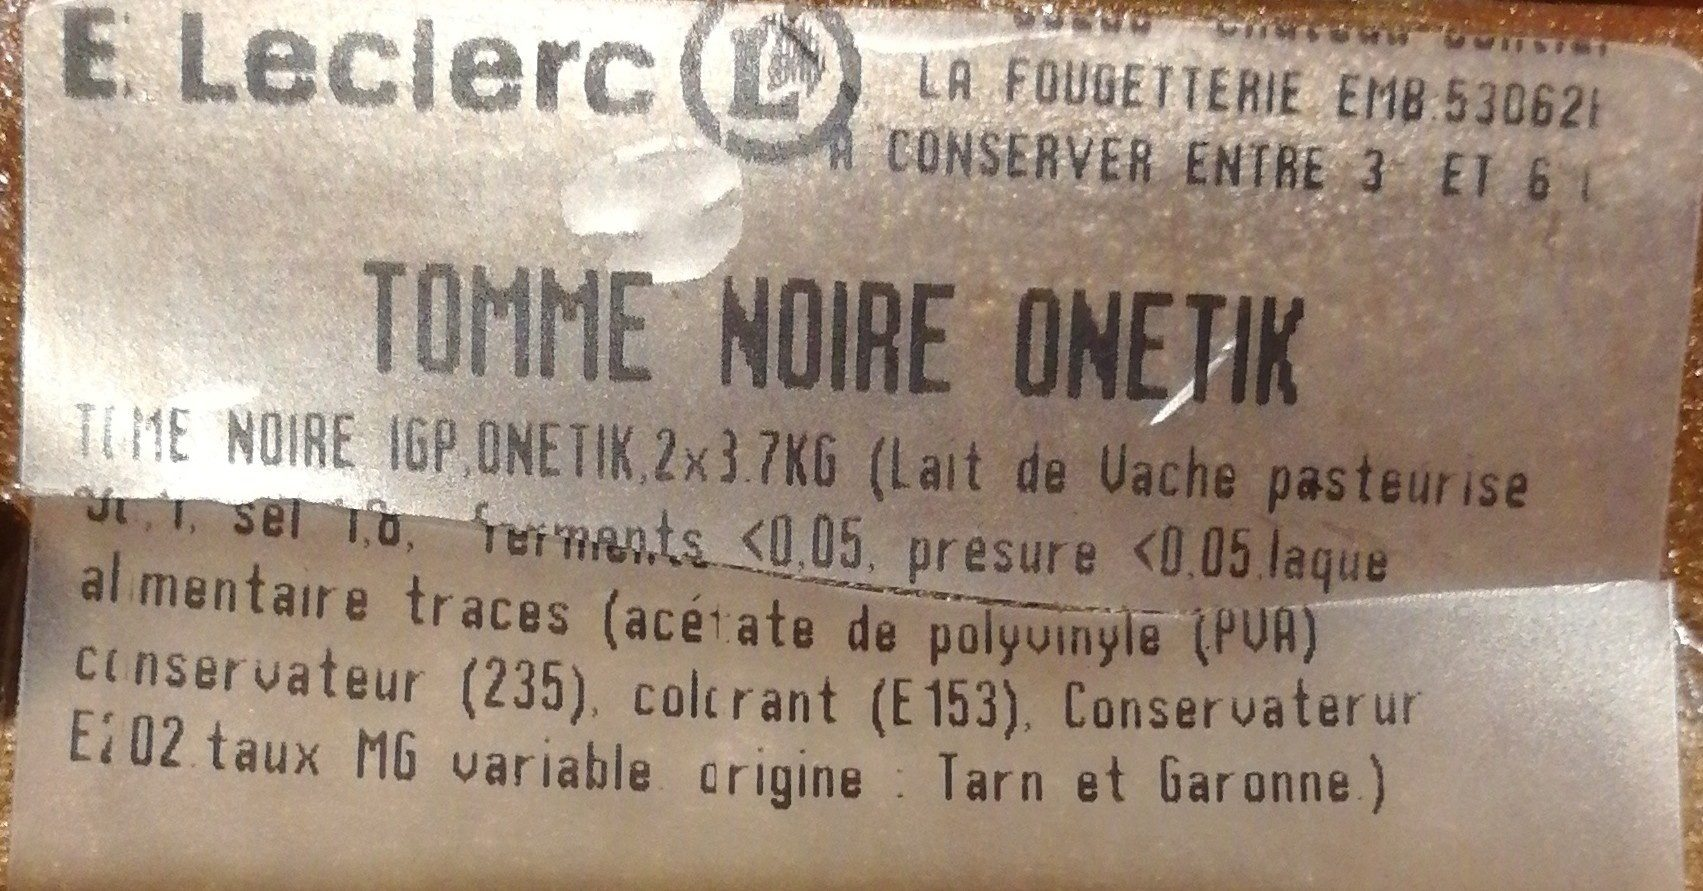 Tomme noire - Ingredienti - fr